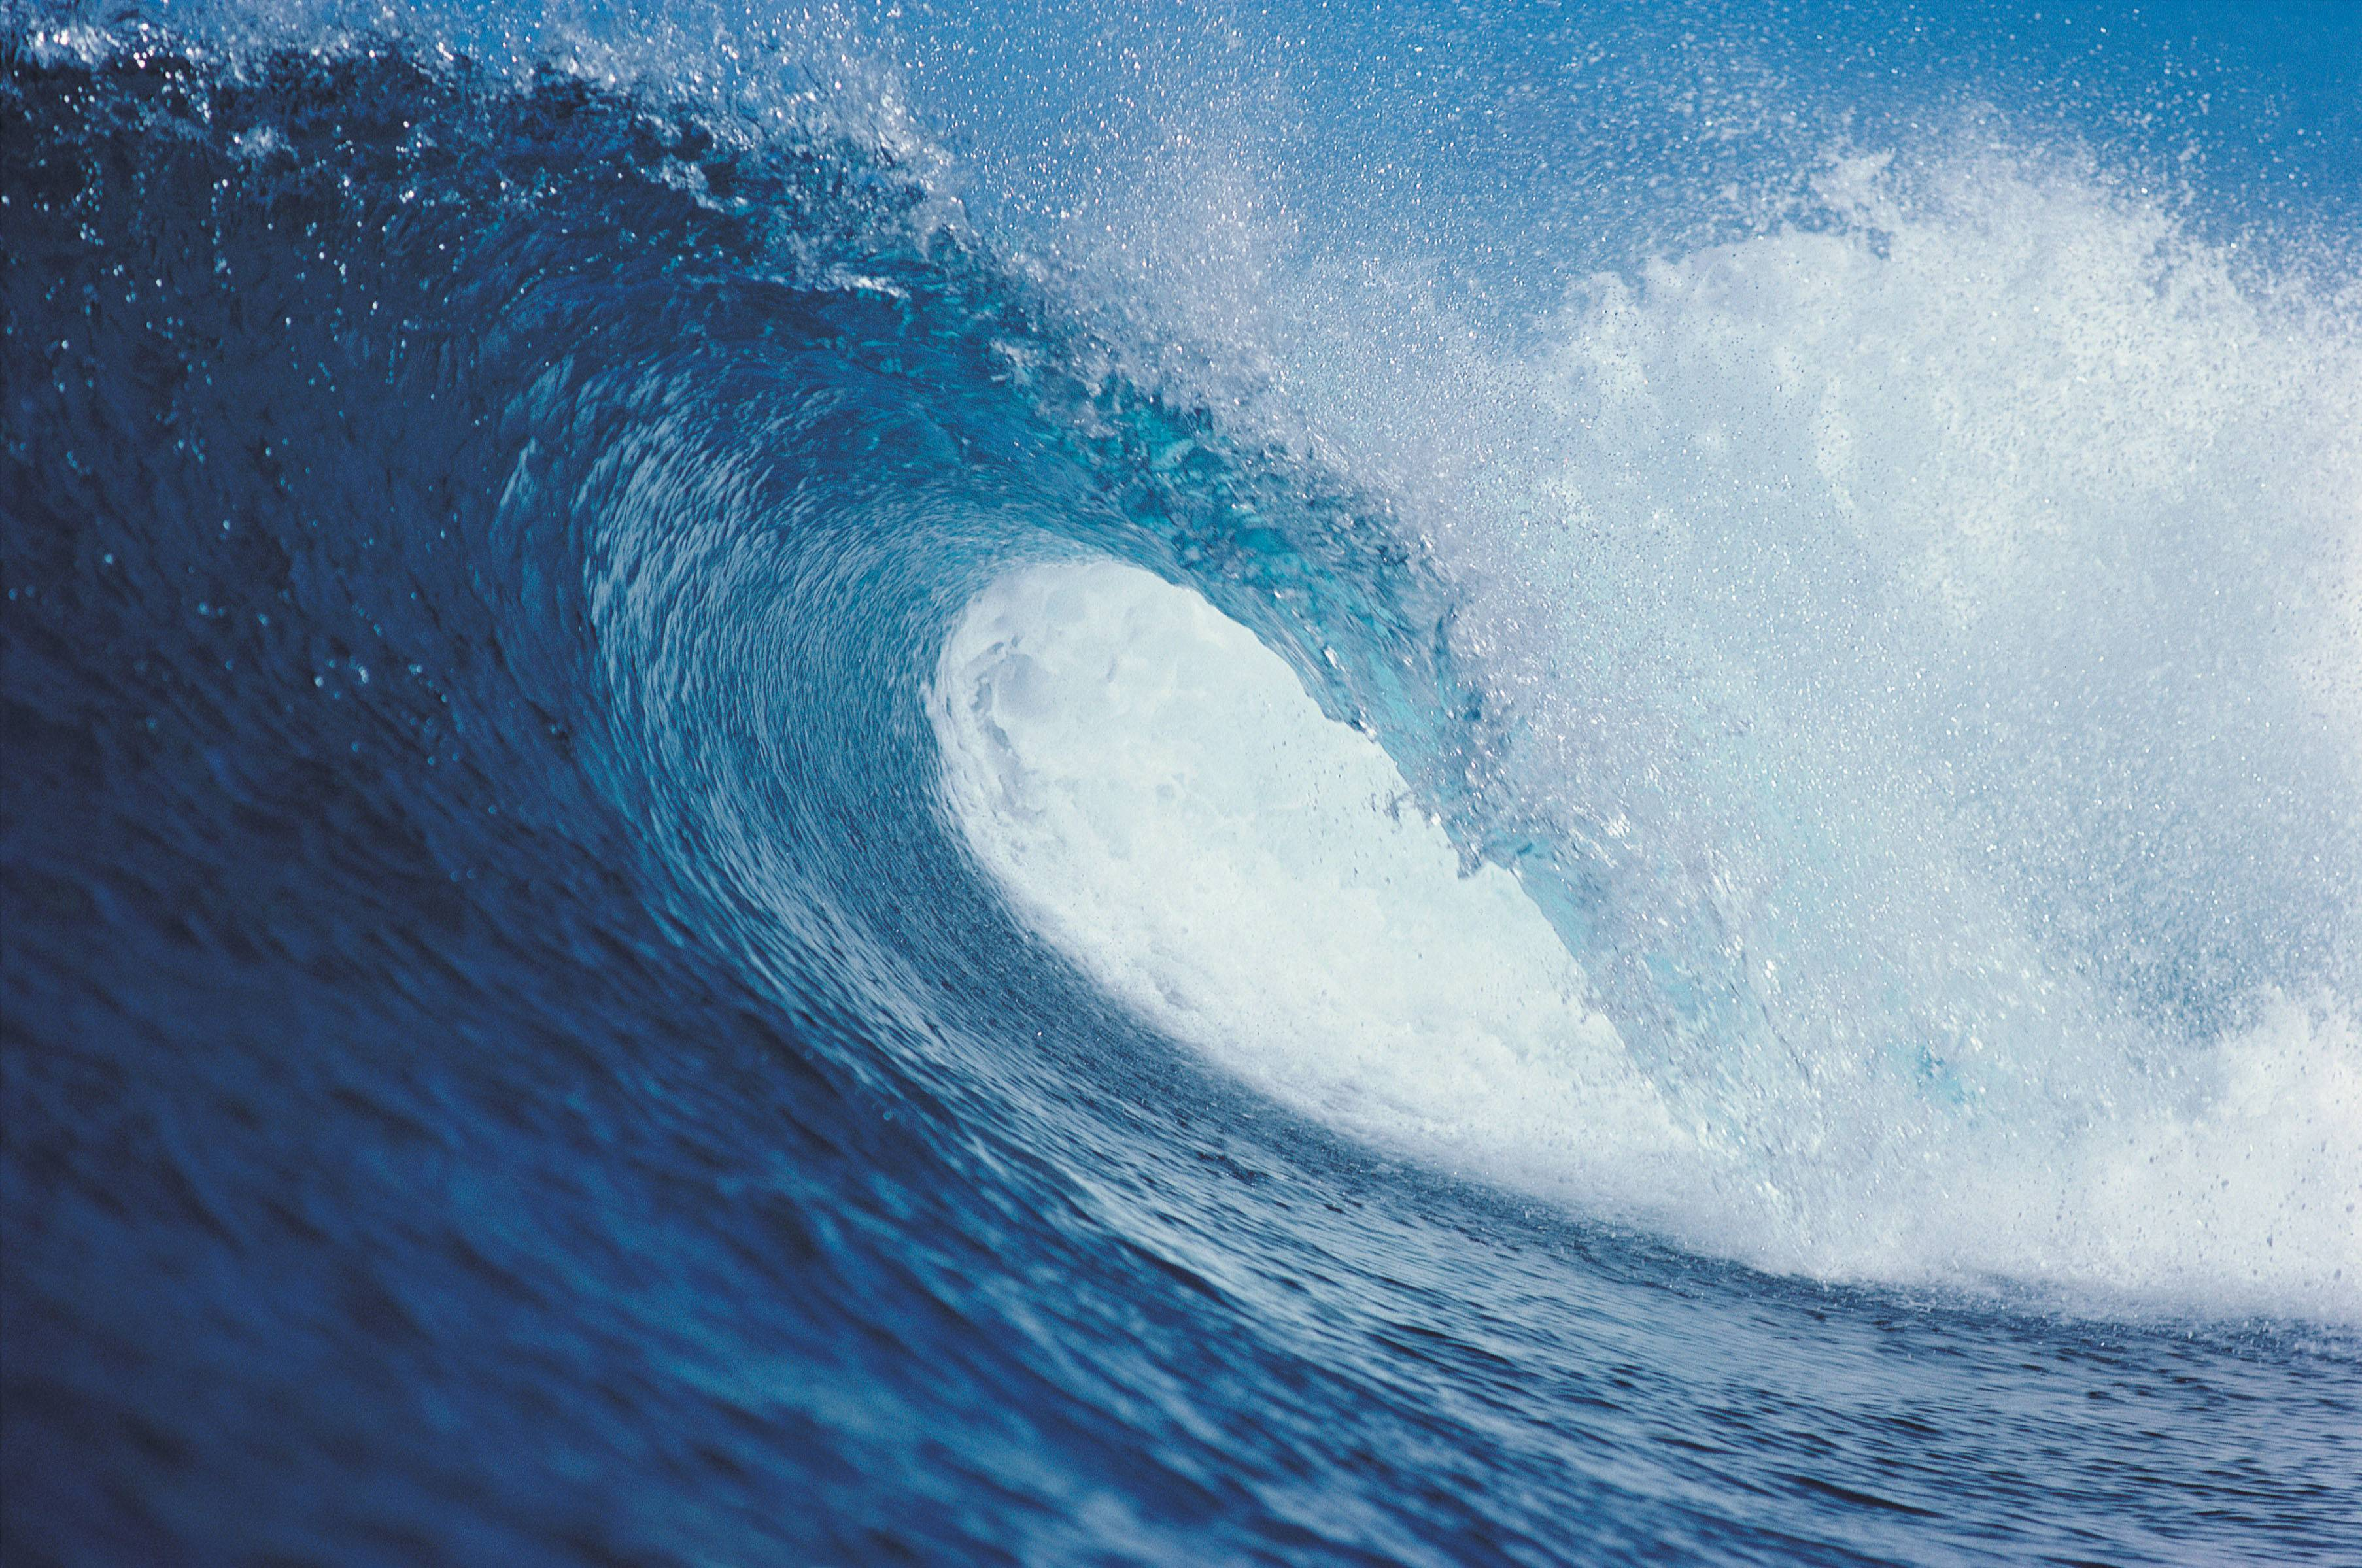 Ocean Wave Wallpaper 6